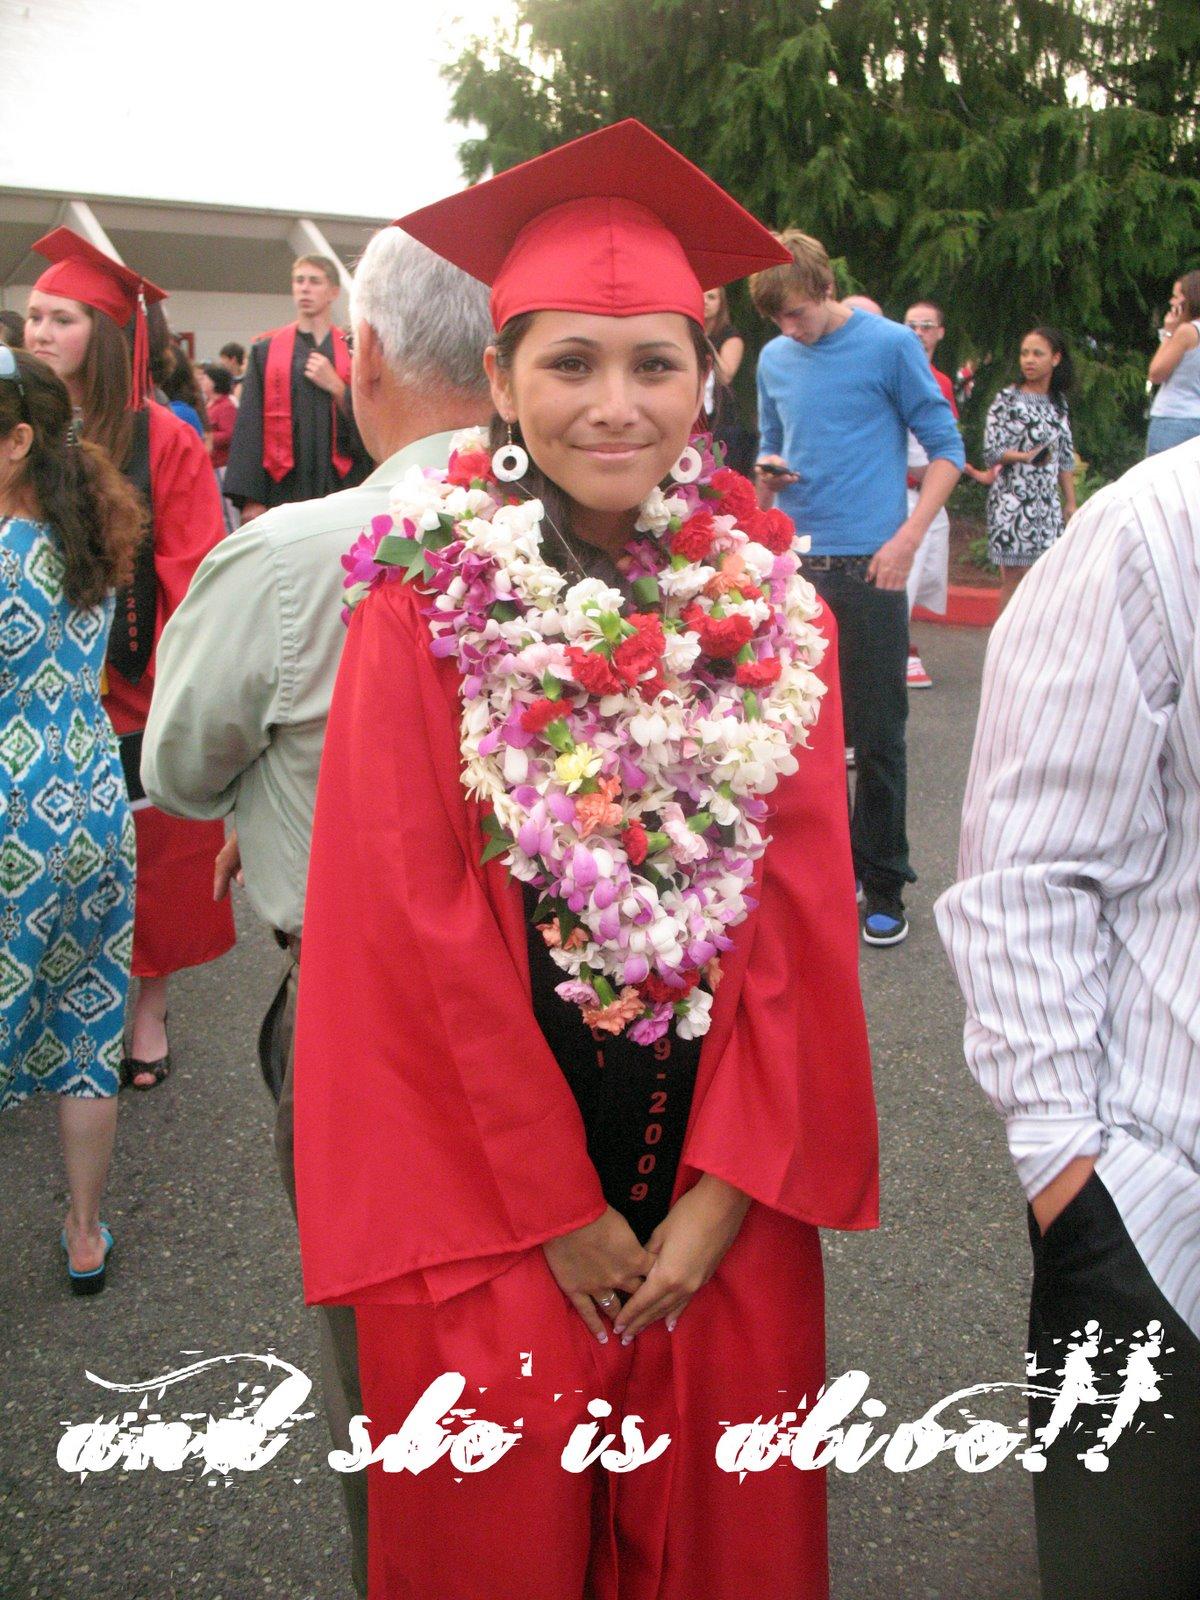 [lisa+graduation+0682]